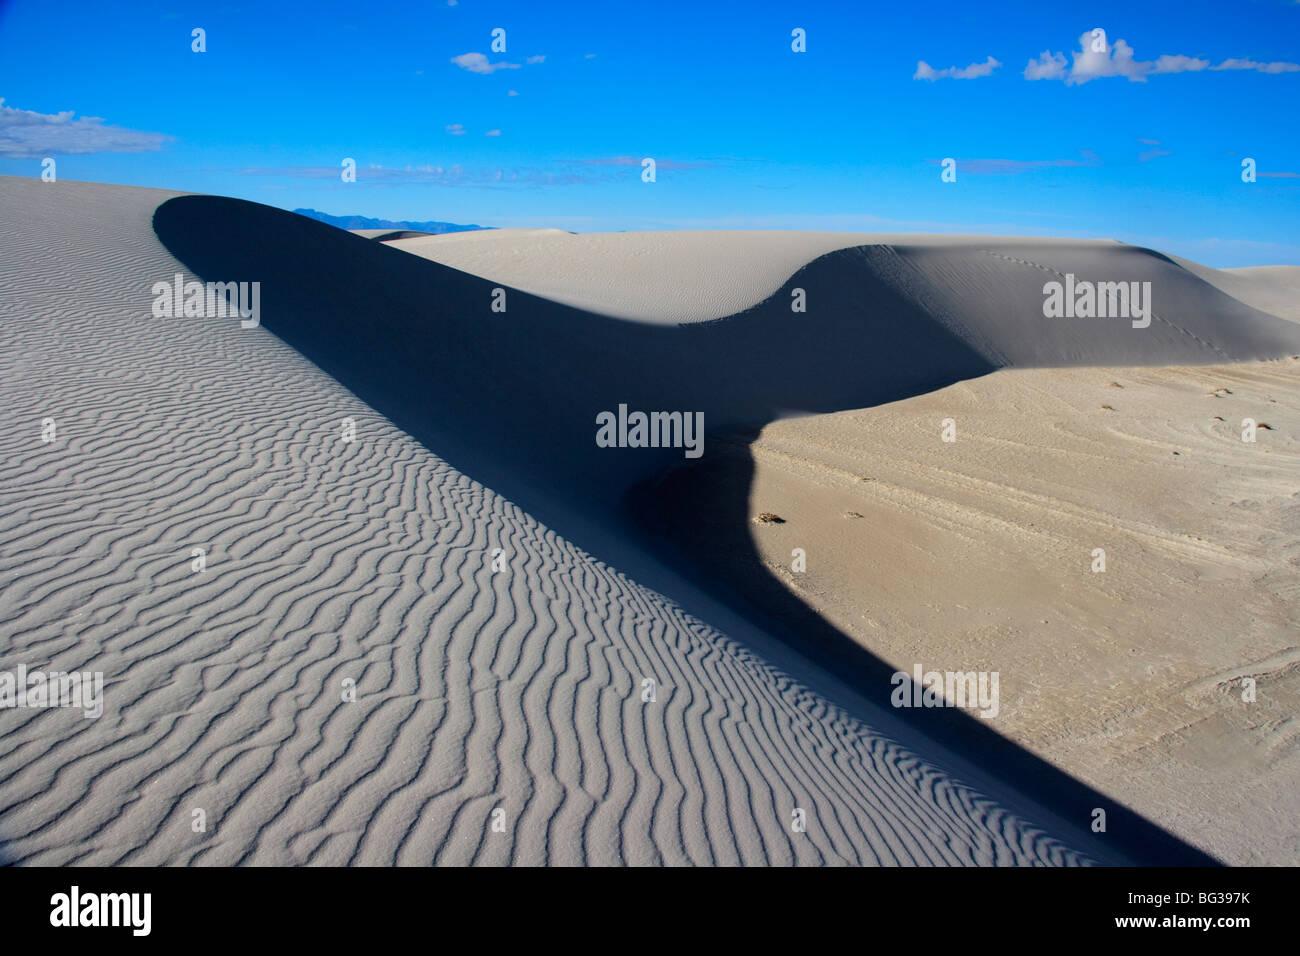 Home delle dune di sabbia bianca del Nuovo Messico. Queste drammatiche le dune sono sempre in movimento a causa del vento prevalente con le increspature Foto Stock